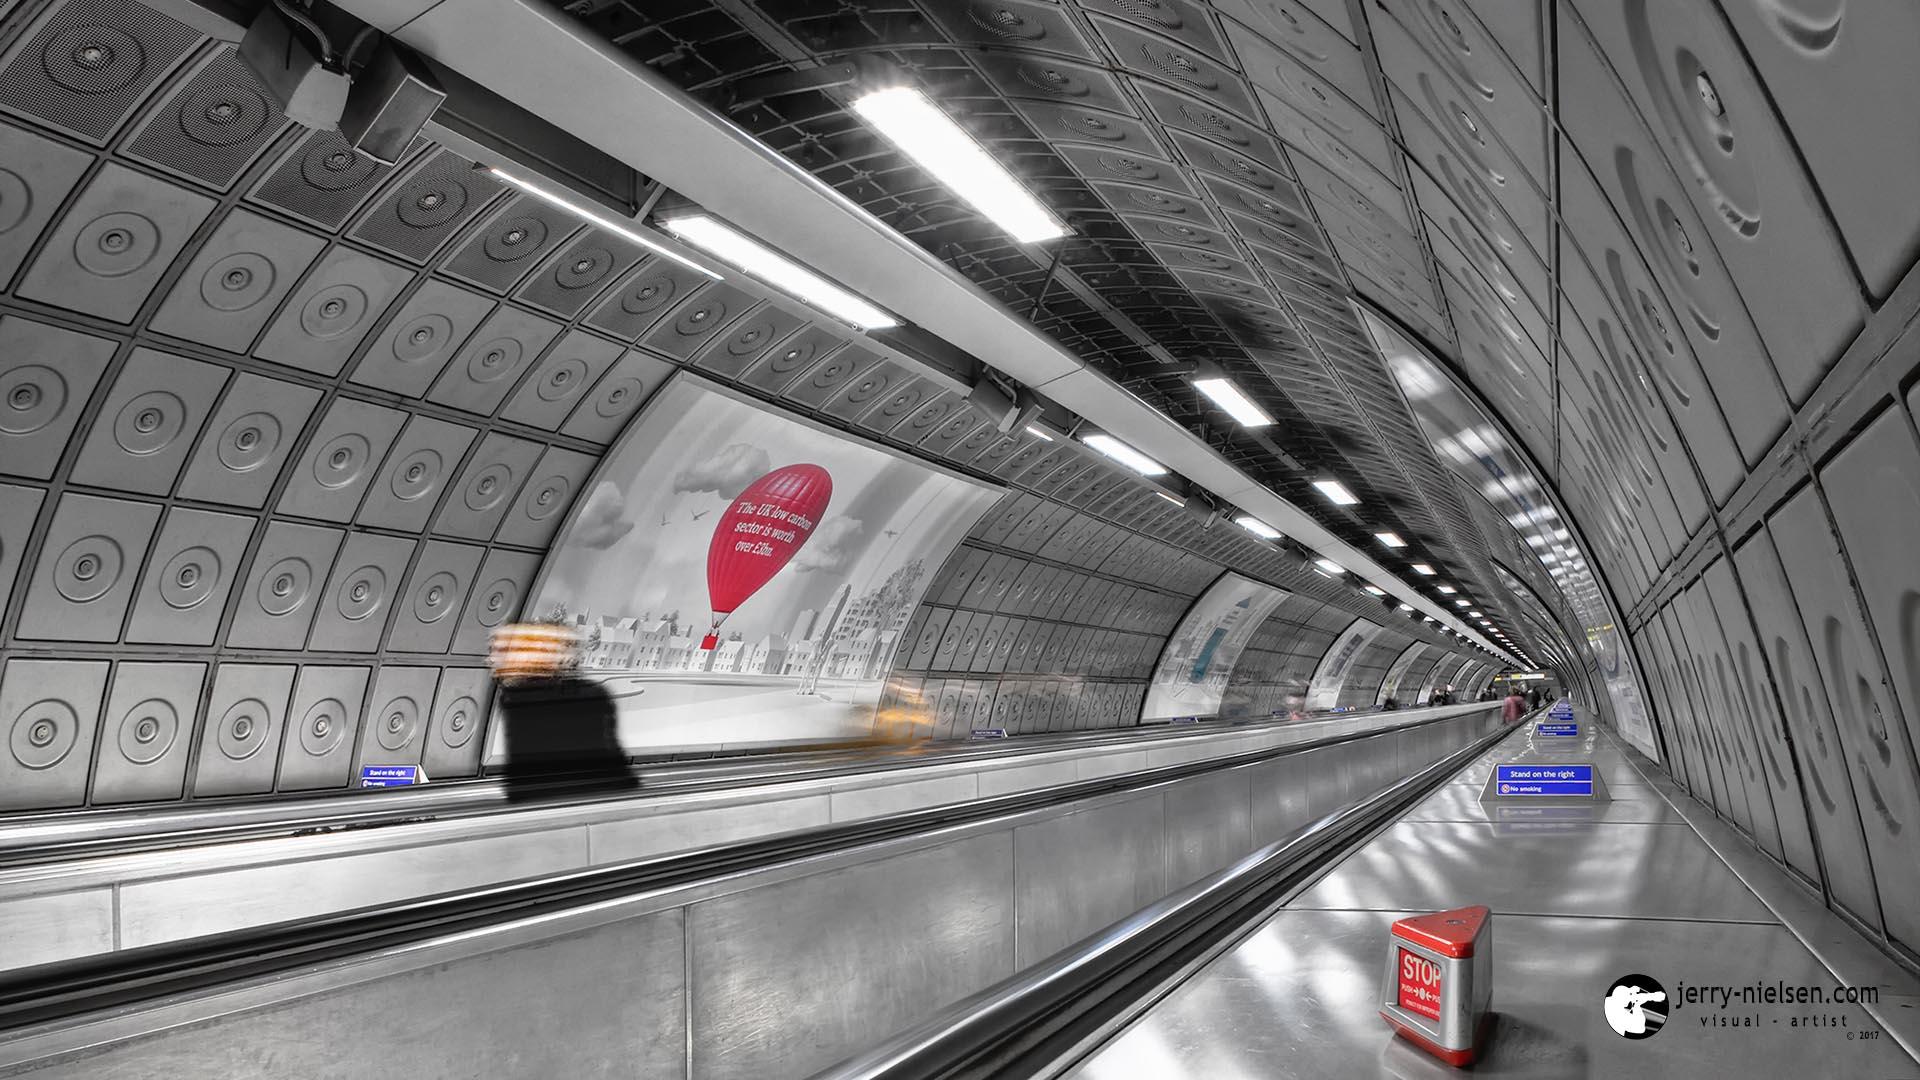 Walkway in a London Underground.